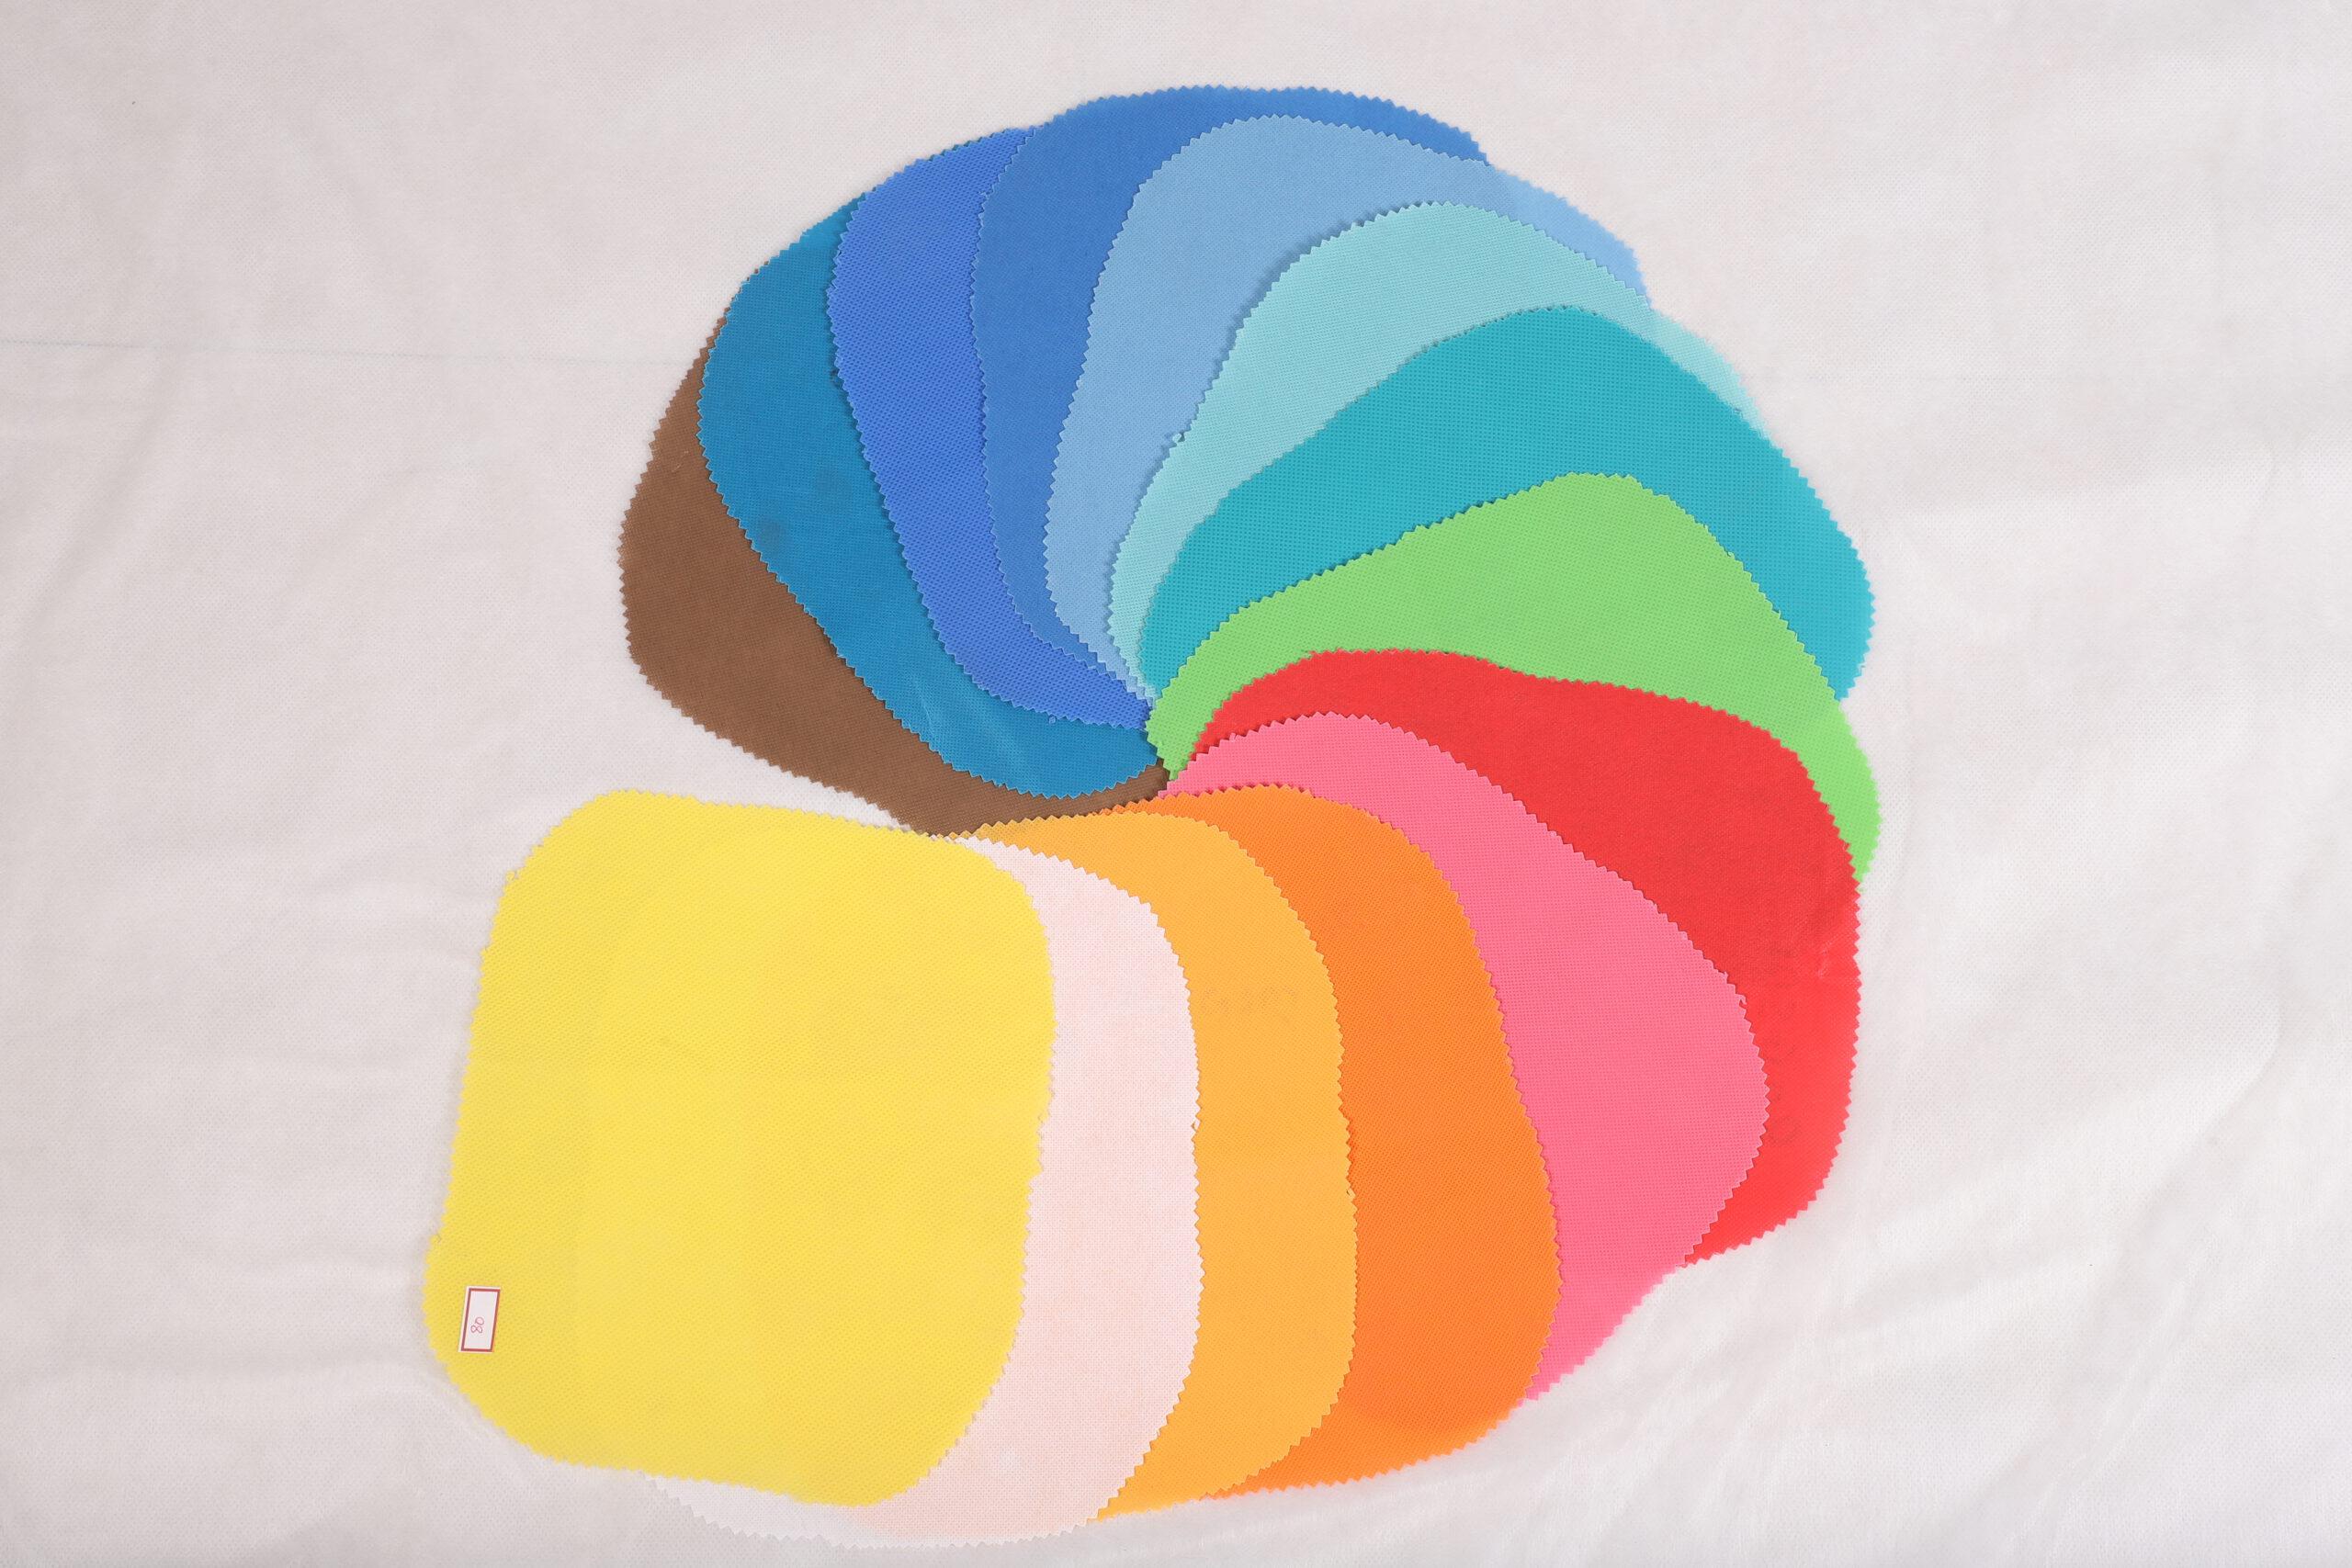 Chuyên cung cấp các mẫu vải không dệt chất lượng làm khẩu trang